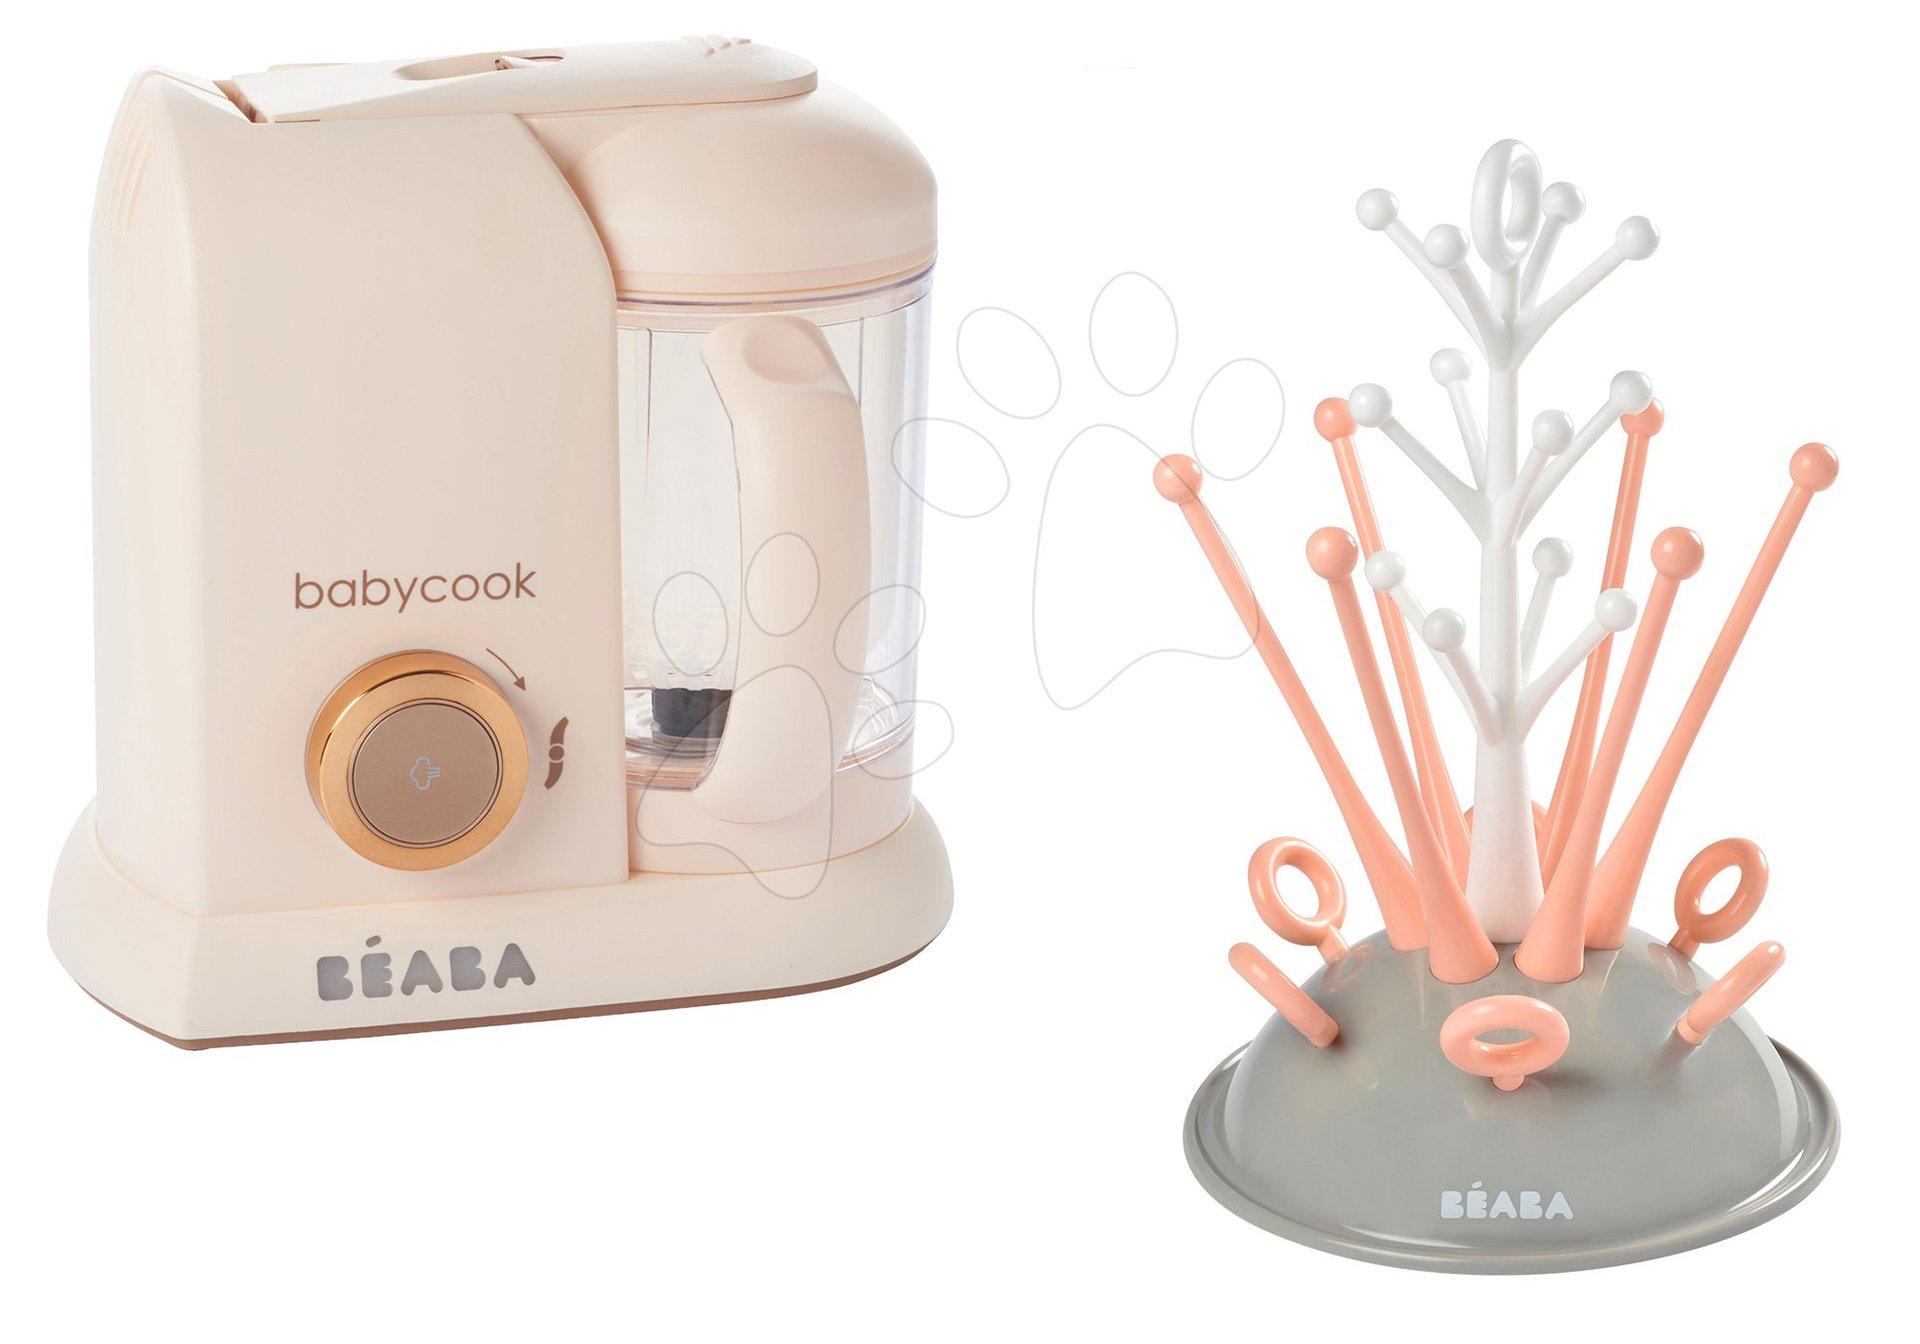 Set parní vařič a mixér Babycook Solo Rose Gold Beaba limitovaná edice a dárek odkapávač kojeneckých láhví Strom